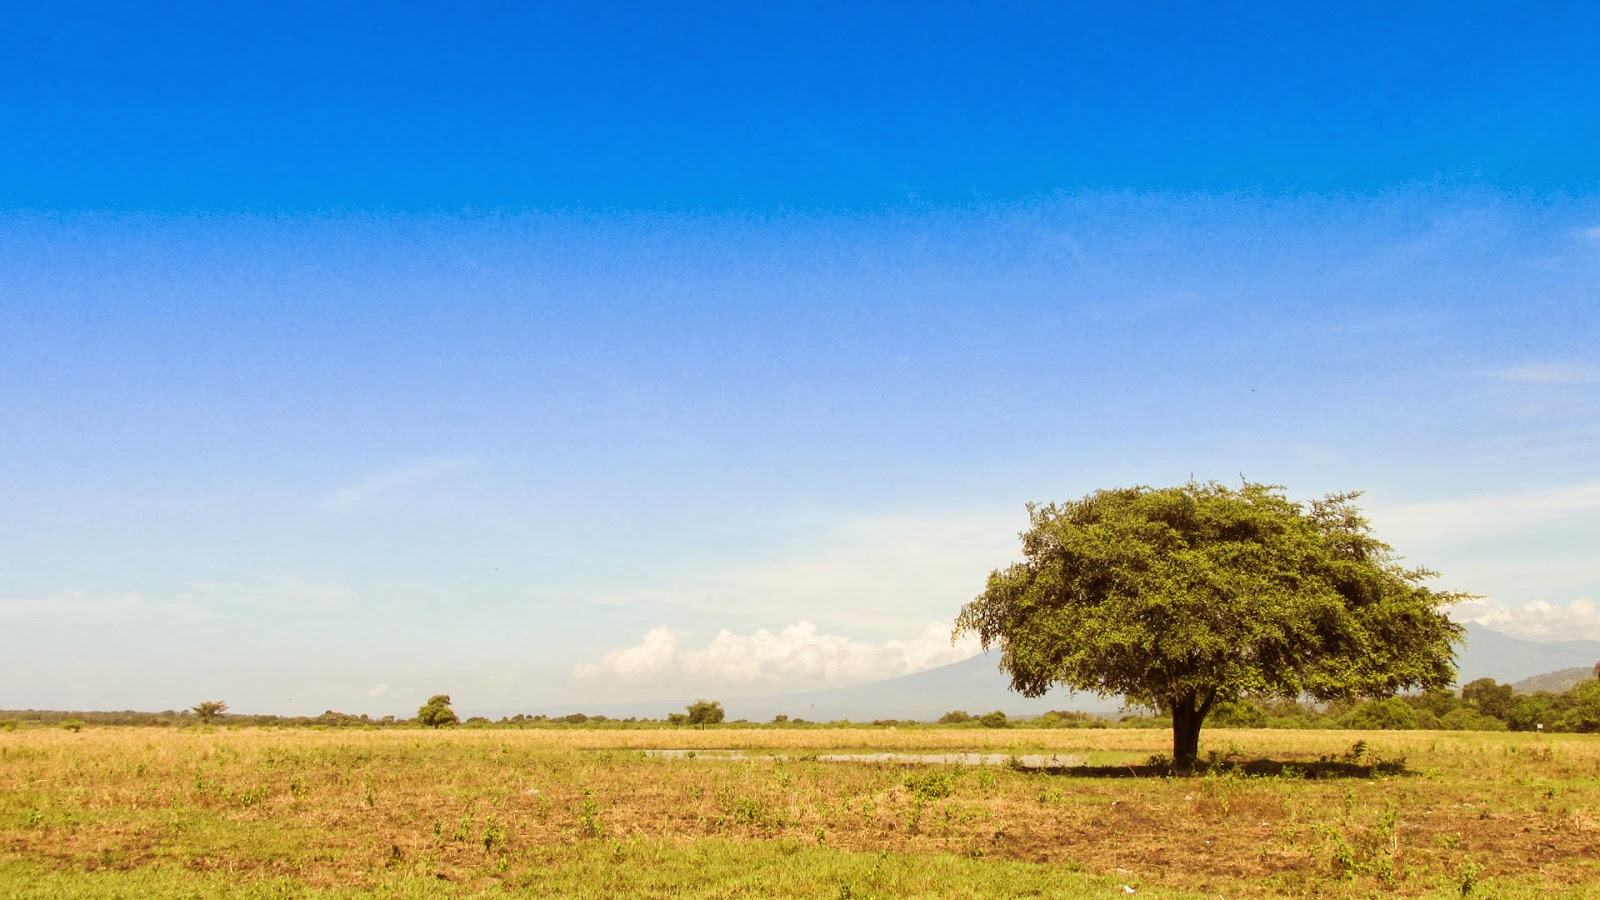 Taman Nasional Baluran Afrikanya Indonesia Jawa Timur Kab Banyuwangi